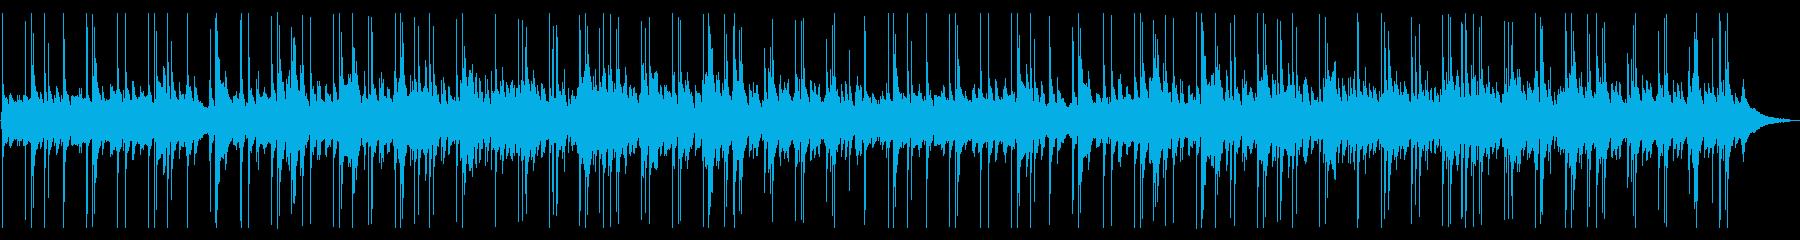 三線の音色が明るく落ち着いた沖縄BGMの再生済みの波形